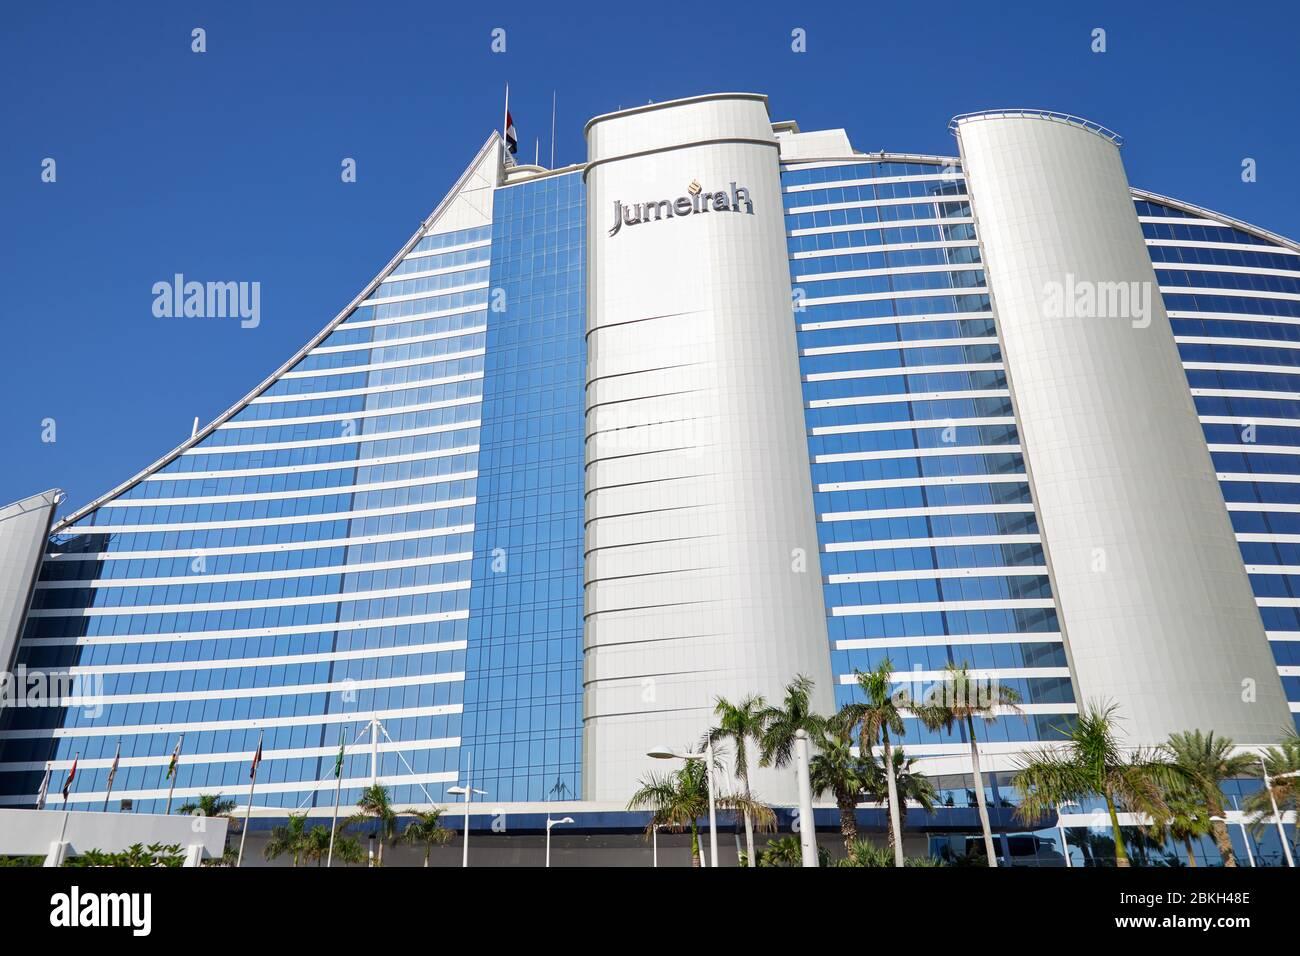 DUBAÏ, EMIRATS ARABES UNIS - 22 NOVEMBRE 2019 : hôtel de luxe Jumeirah Beach avec palmiers en journée ensoleillée, ciel bleu à Dubaï Banque D'Images